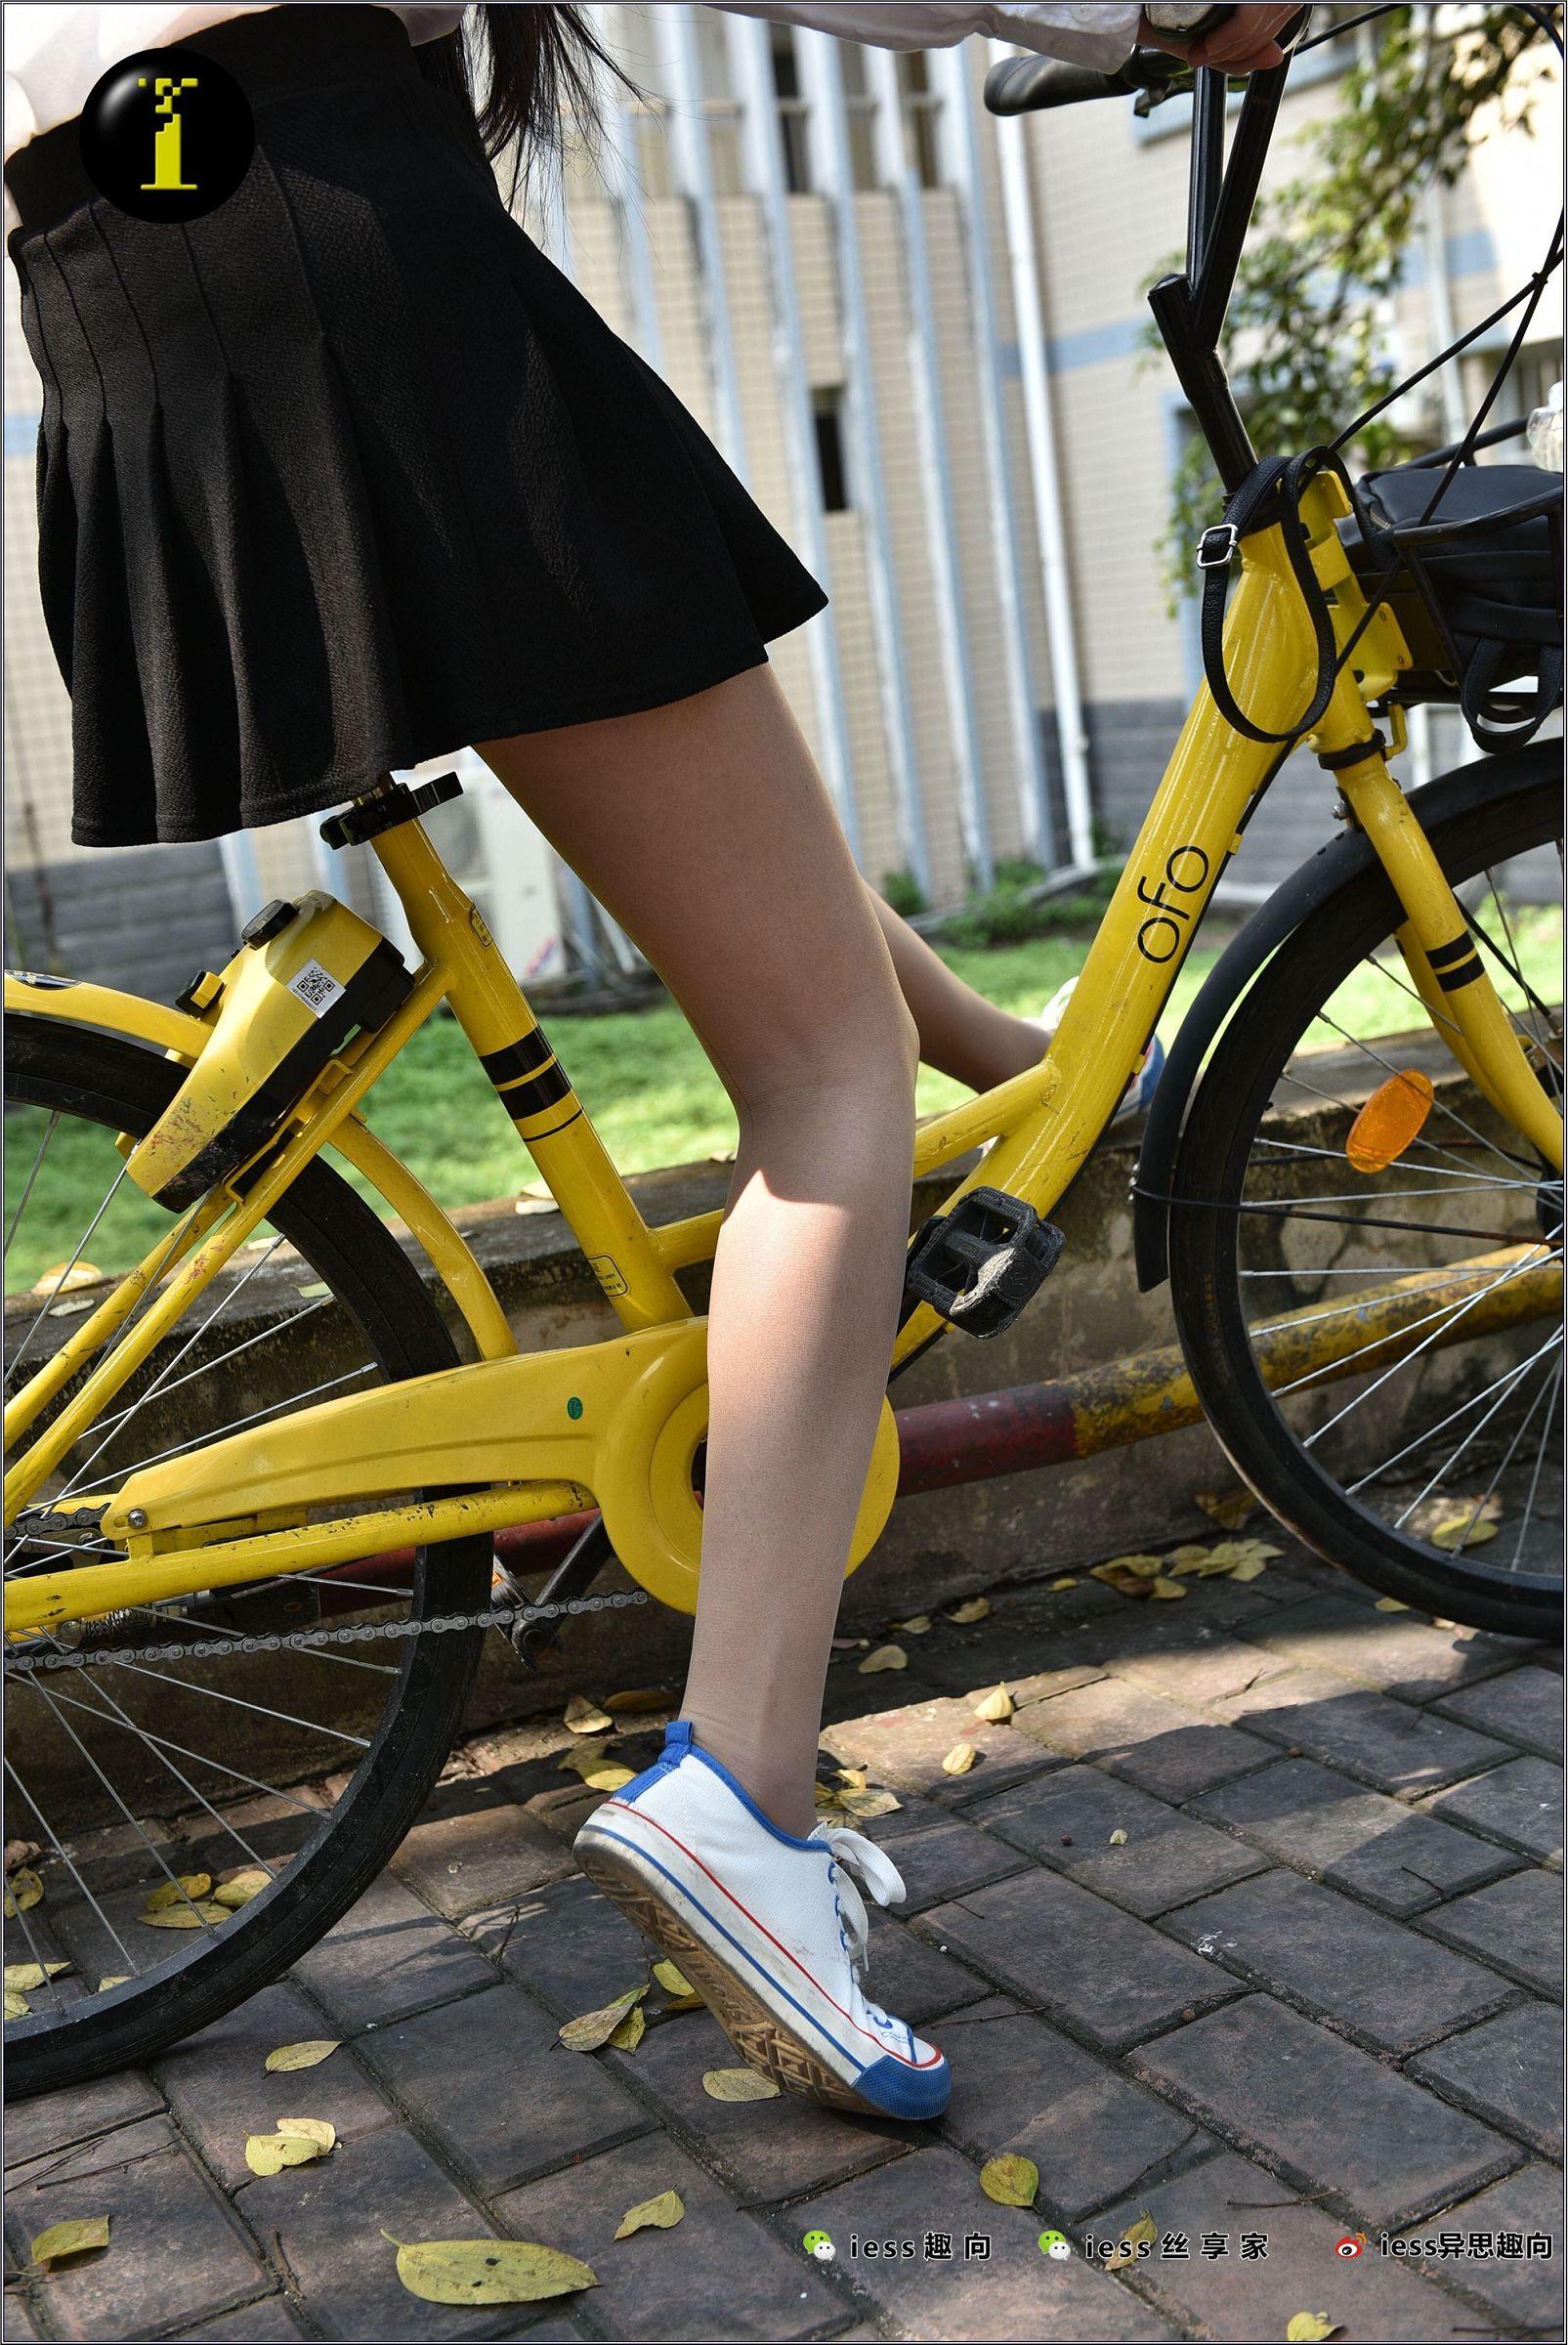 [IESS异思趣向] 普惠集 033 琪琪 16岁的单车少女[137P] 异思趣向 第4张